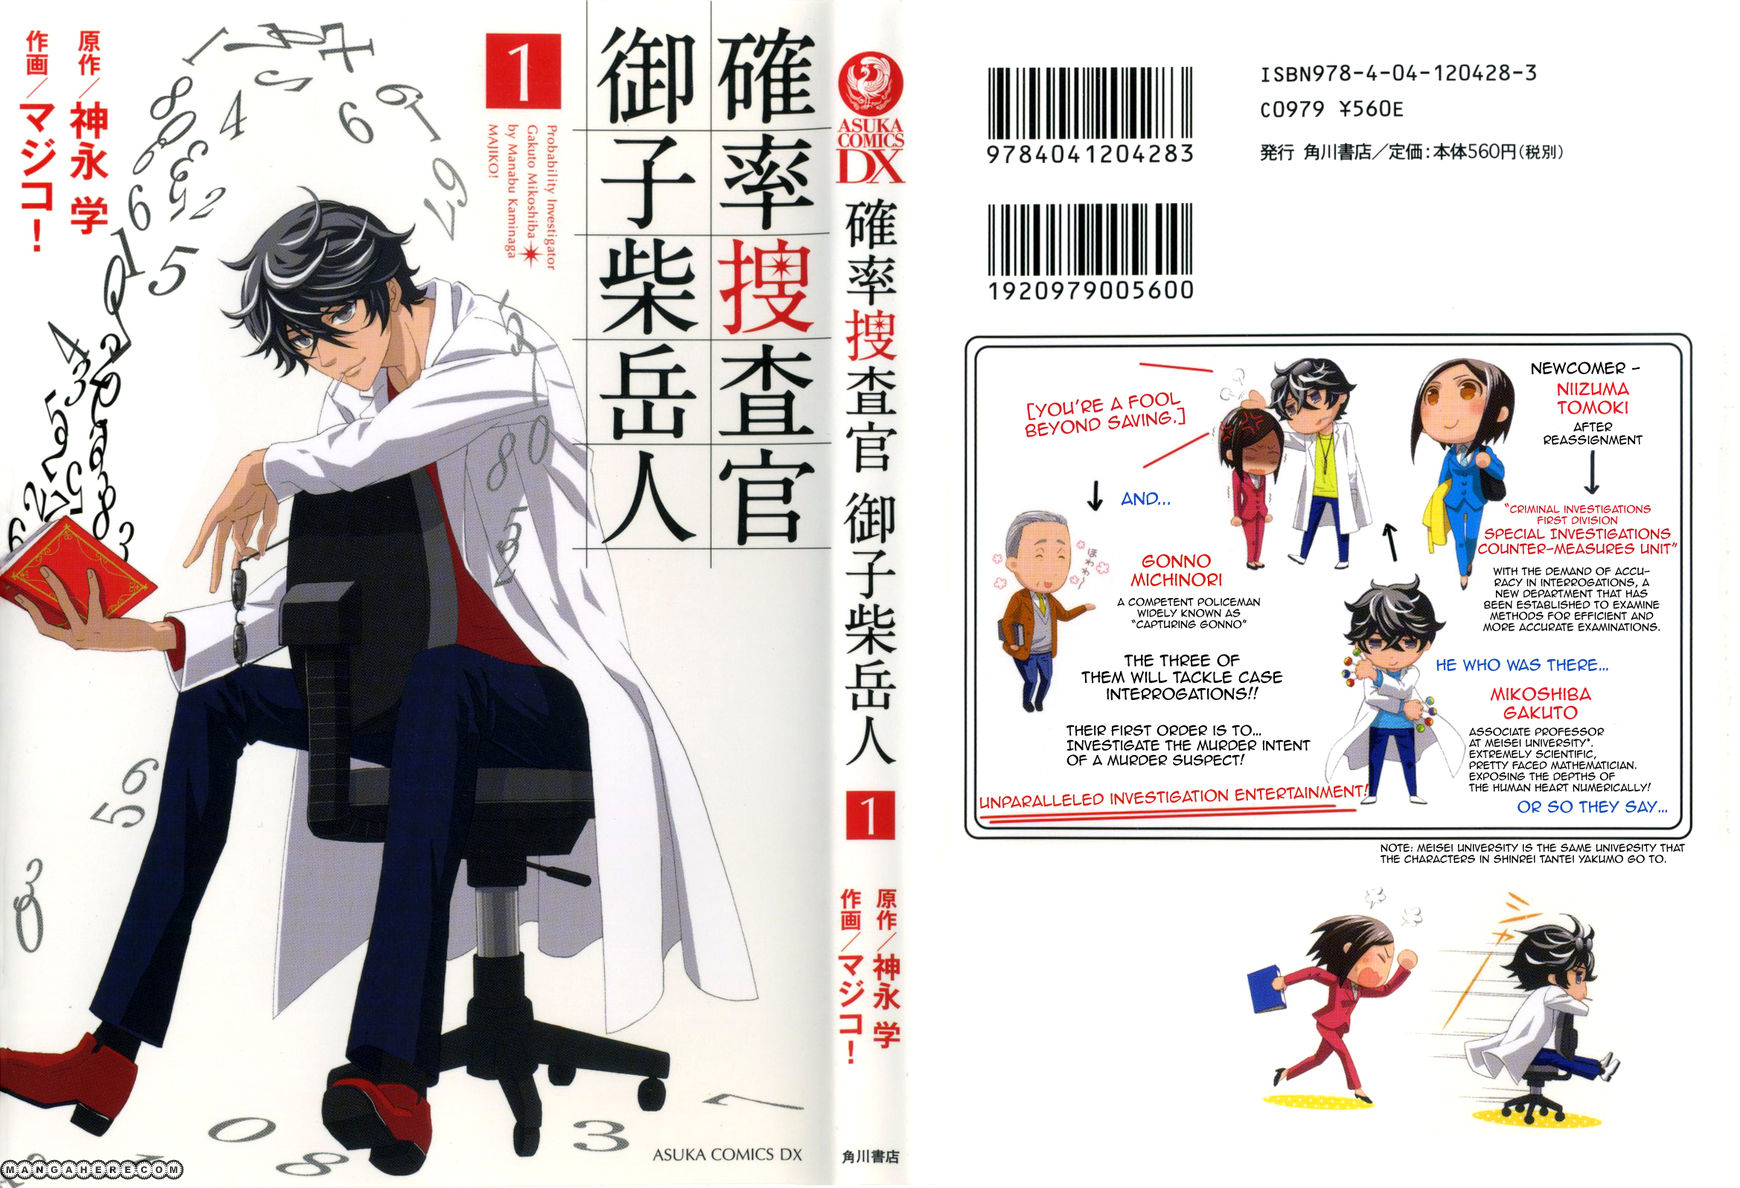 Kakuritsu Sousakan Mikoshiba Gakuto 1 Page 2